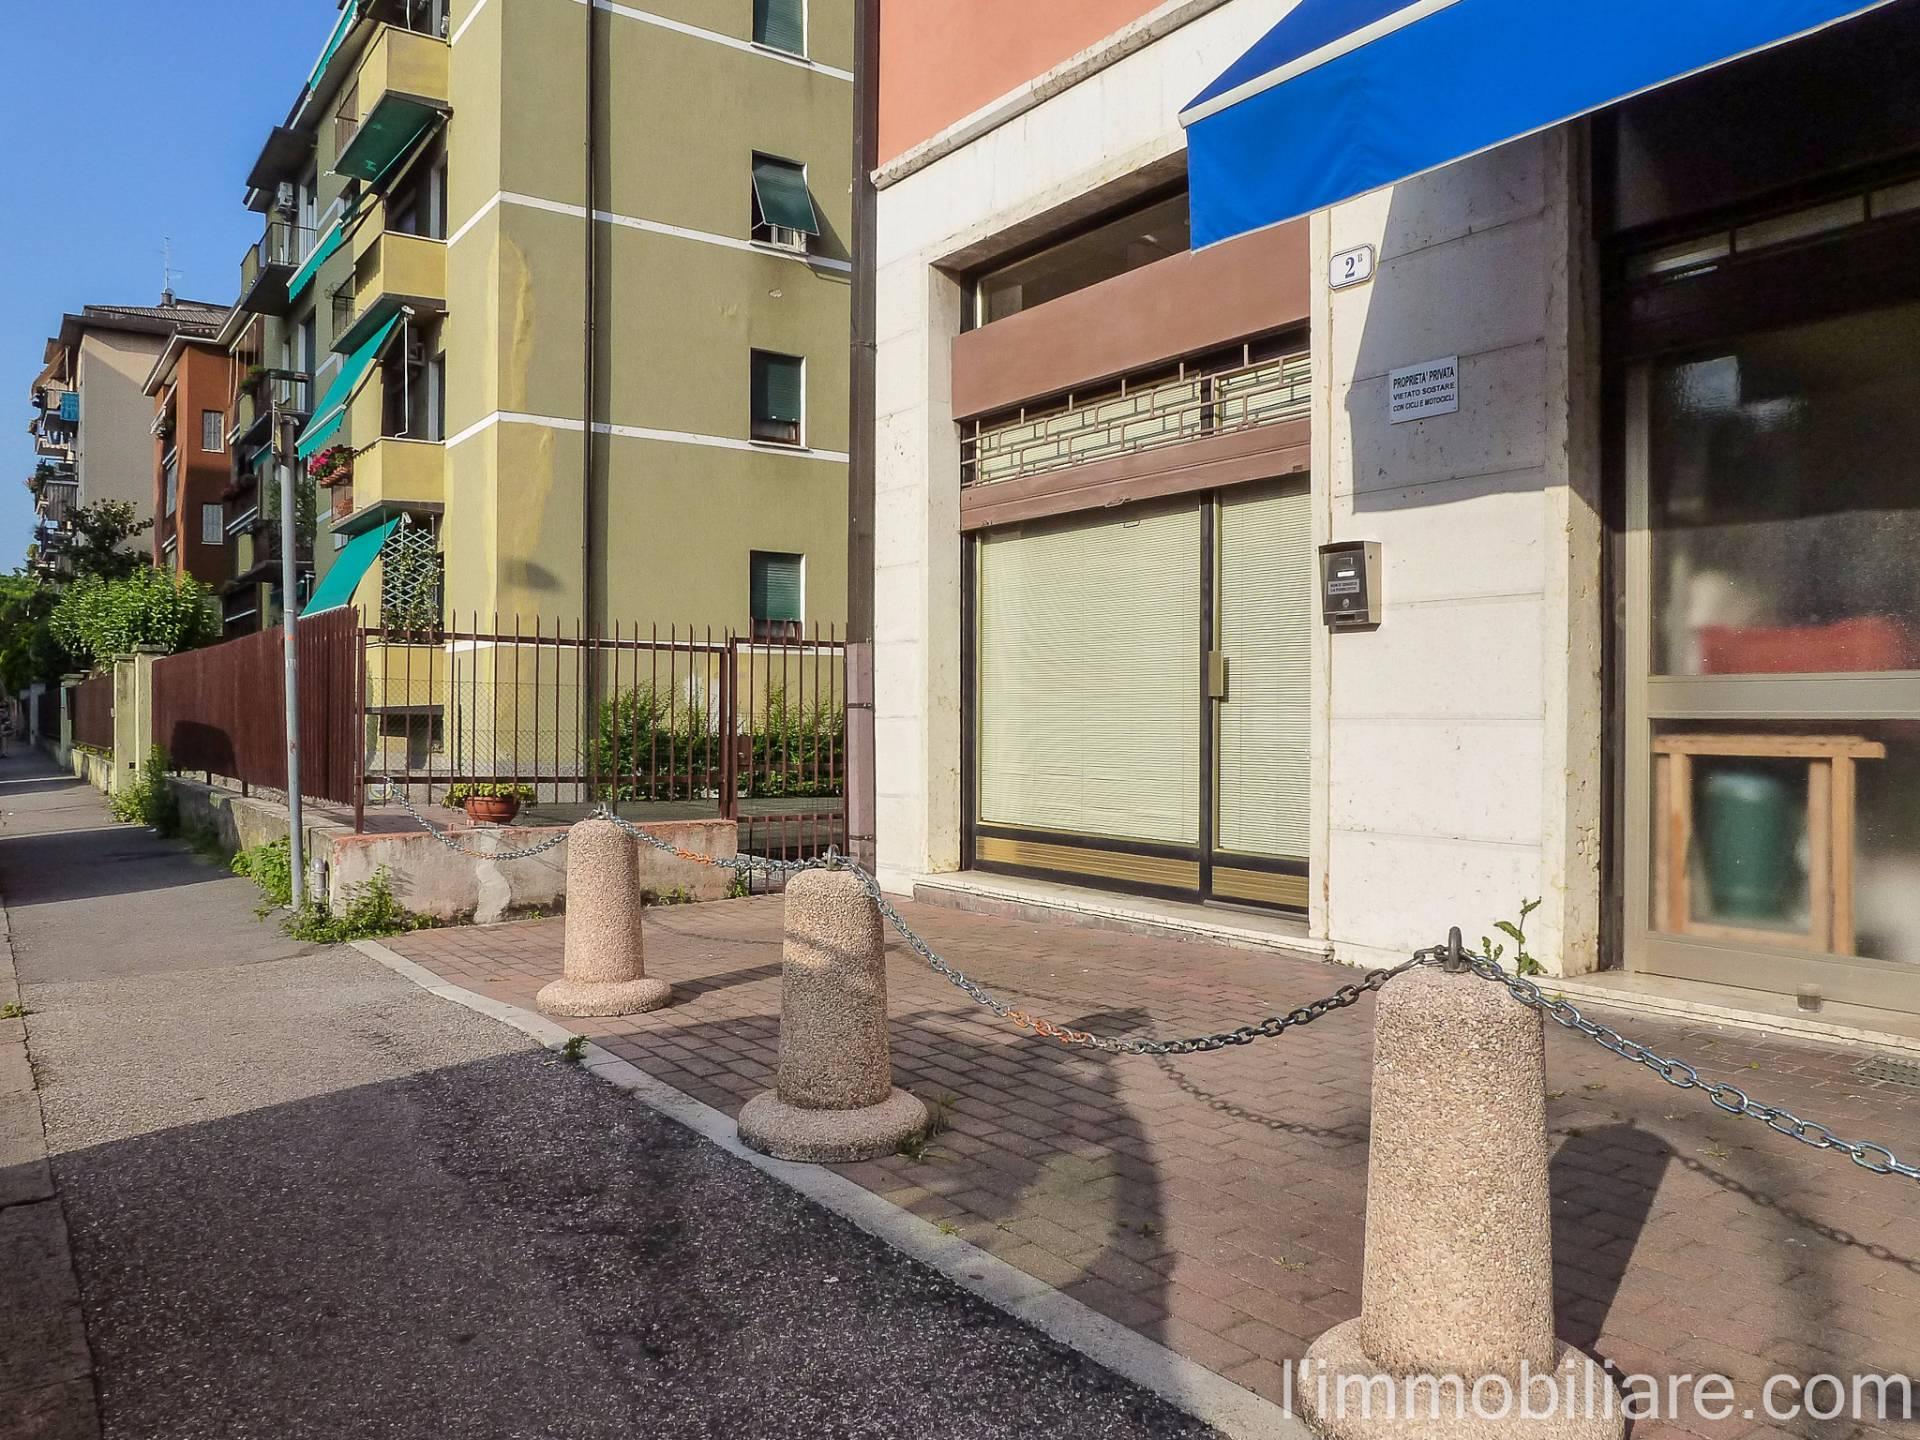 Ufficio / Studio in affitto a Verona, 9999 locali, zona Località: PonteCrencano, prezzo € 450 | Cambio Casa.it